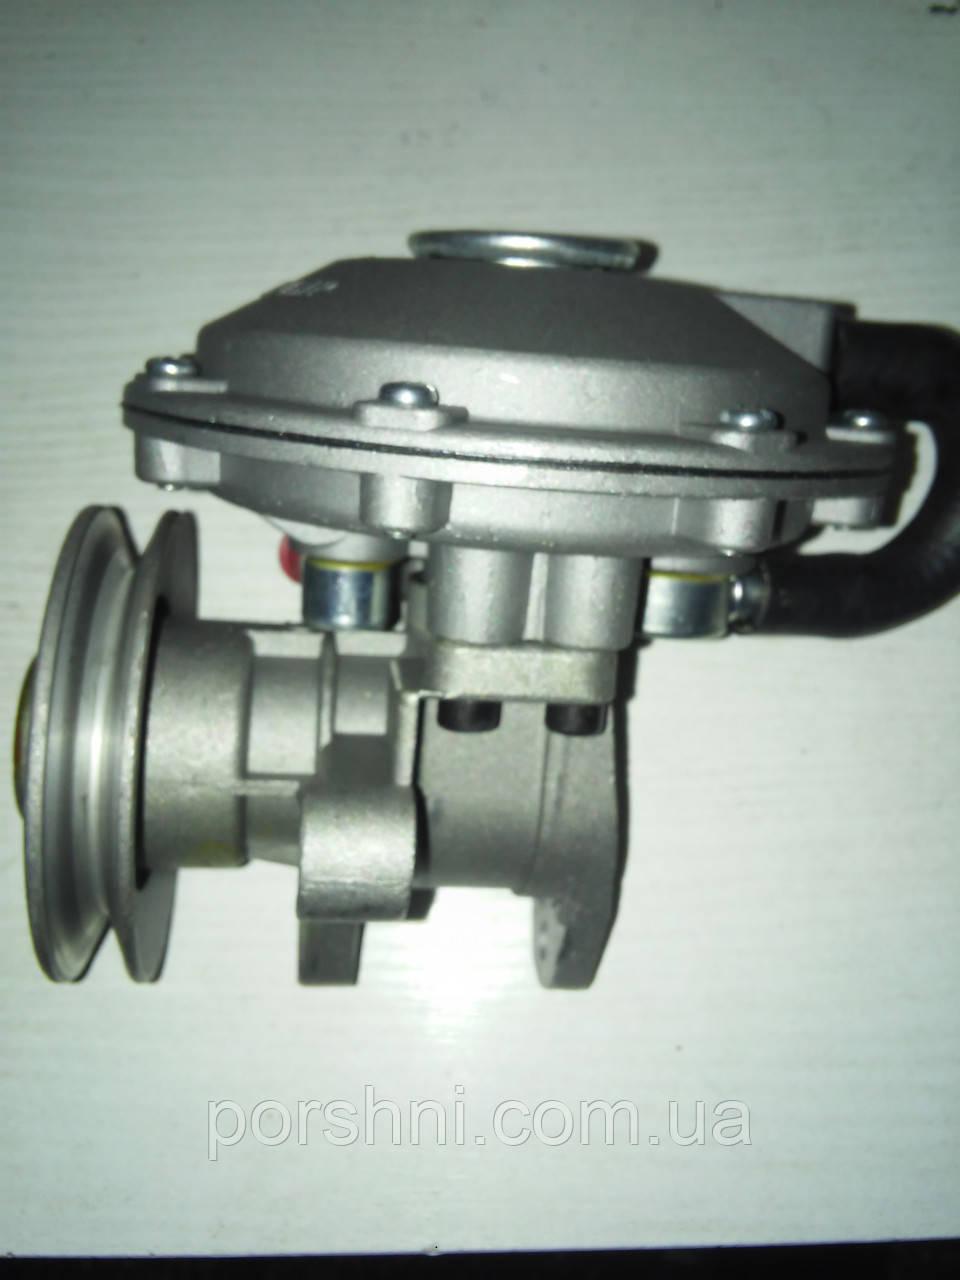 Вакуум    тормозов  Ford Sieera  2.3 D.  AG3510-BB   N: 6122312